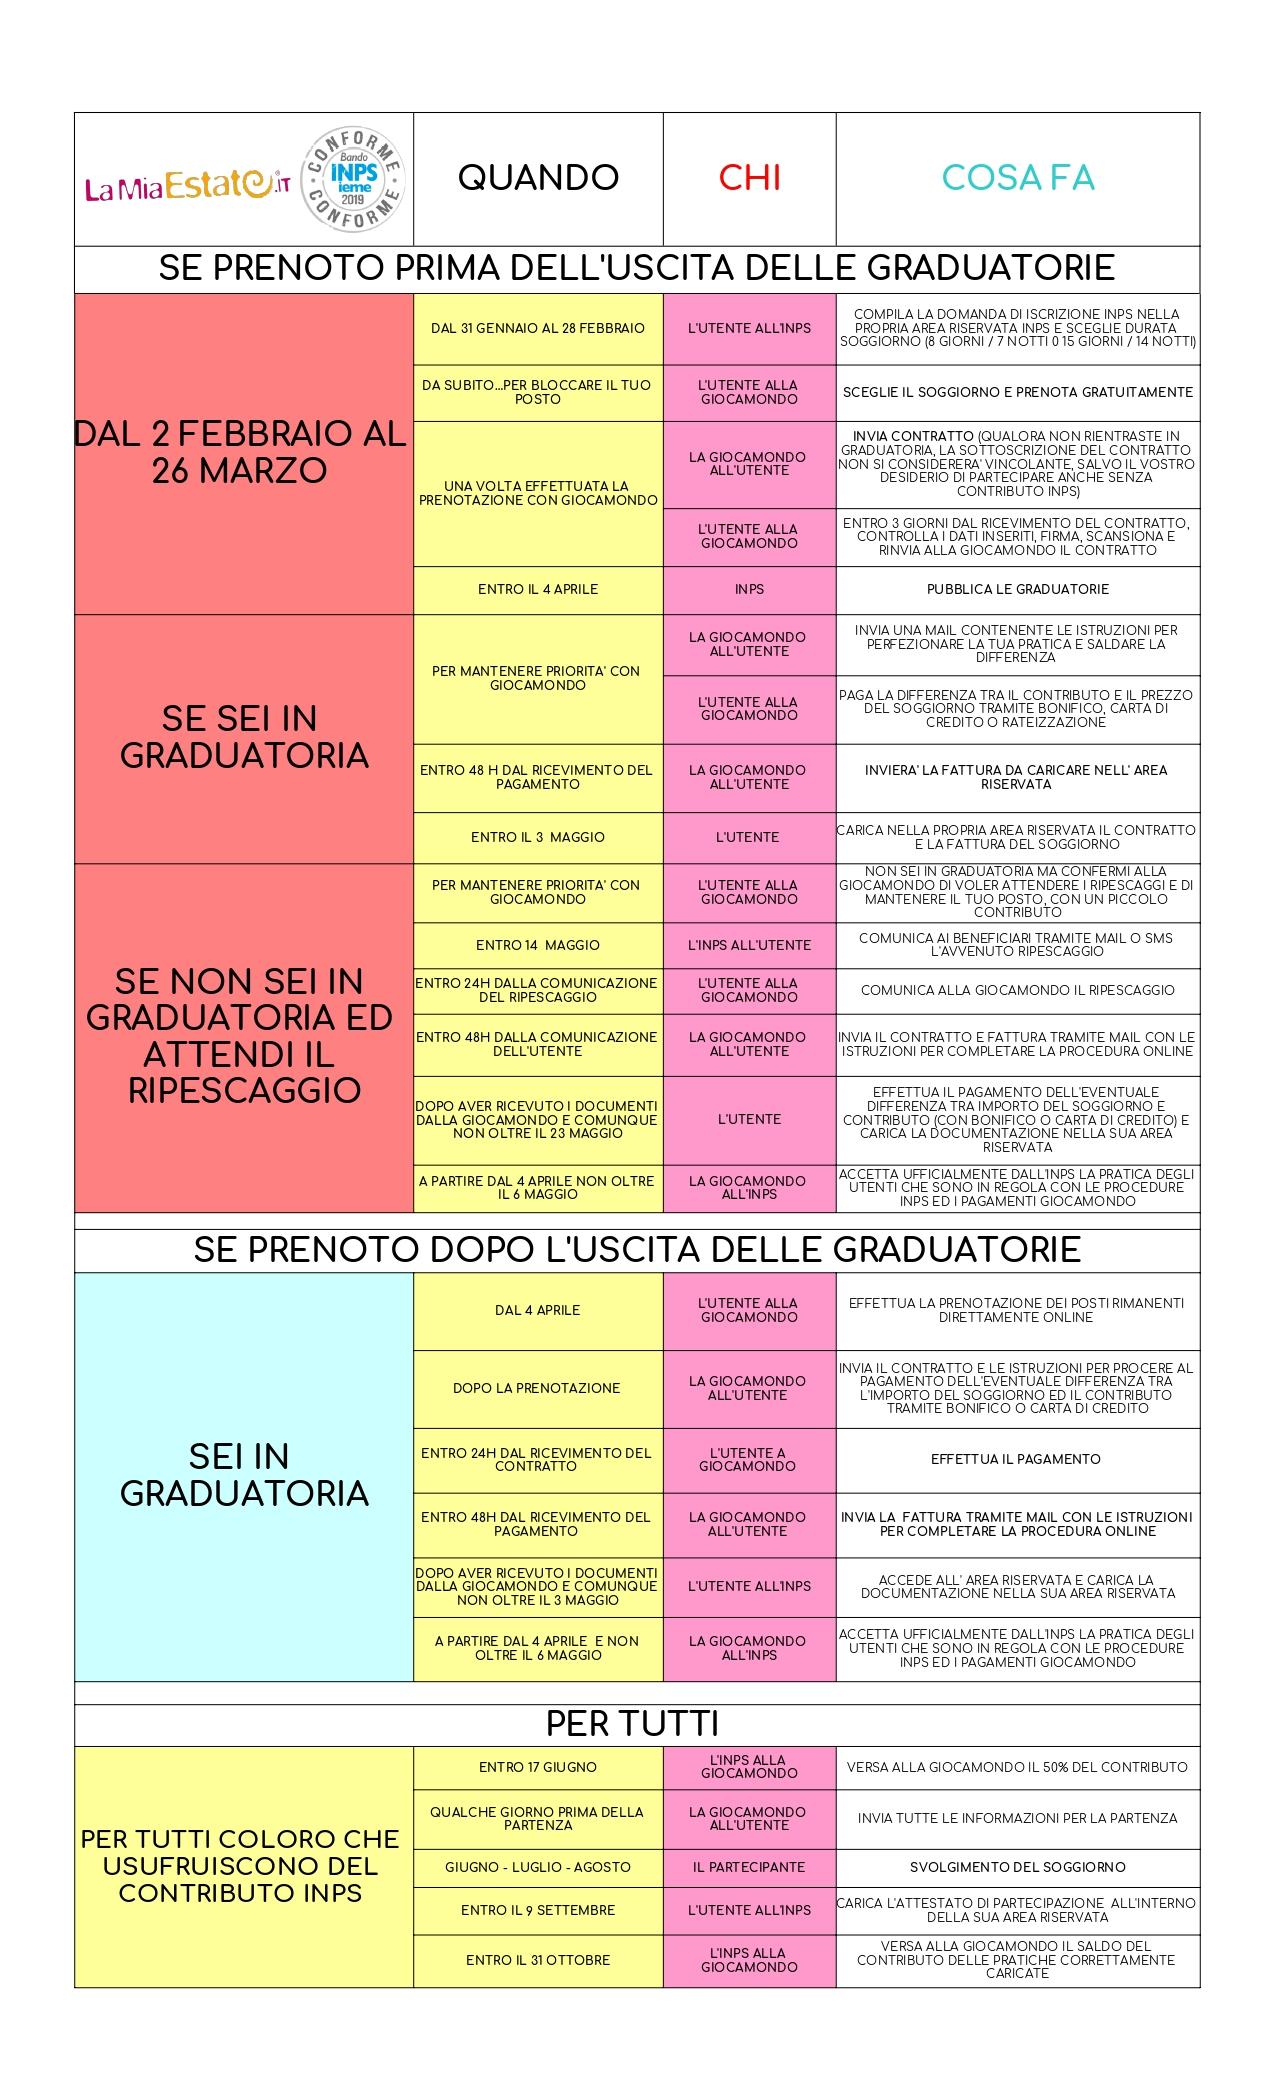 Estate INPSieme 2019: informazioni, scadenze, fasi e guida al bando - Giocamondo-TABELLA-FASI-ITALIA-2019-Foglio1_pages-to-jpg-0001